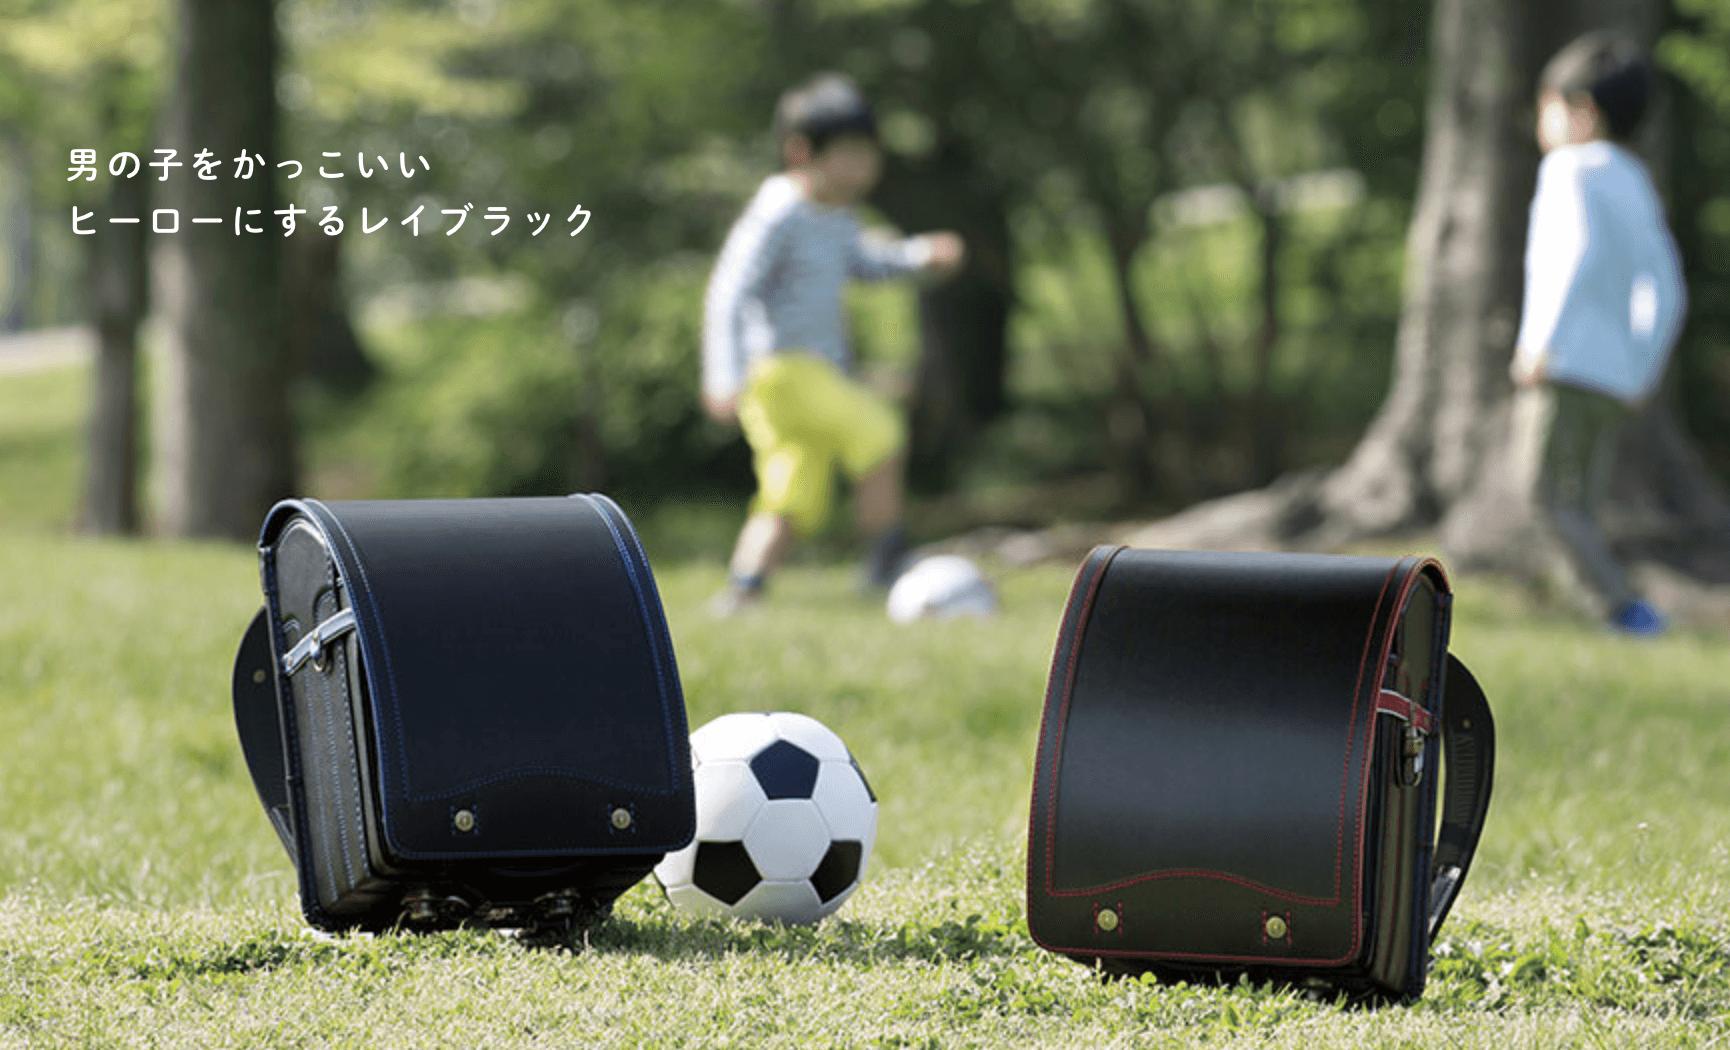 鞄工房山本レイブラック(牛革)のイメージ